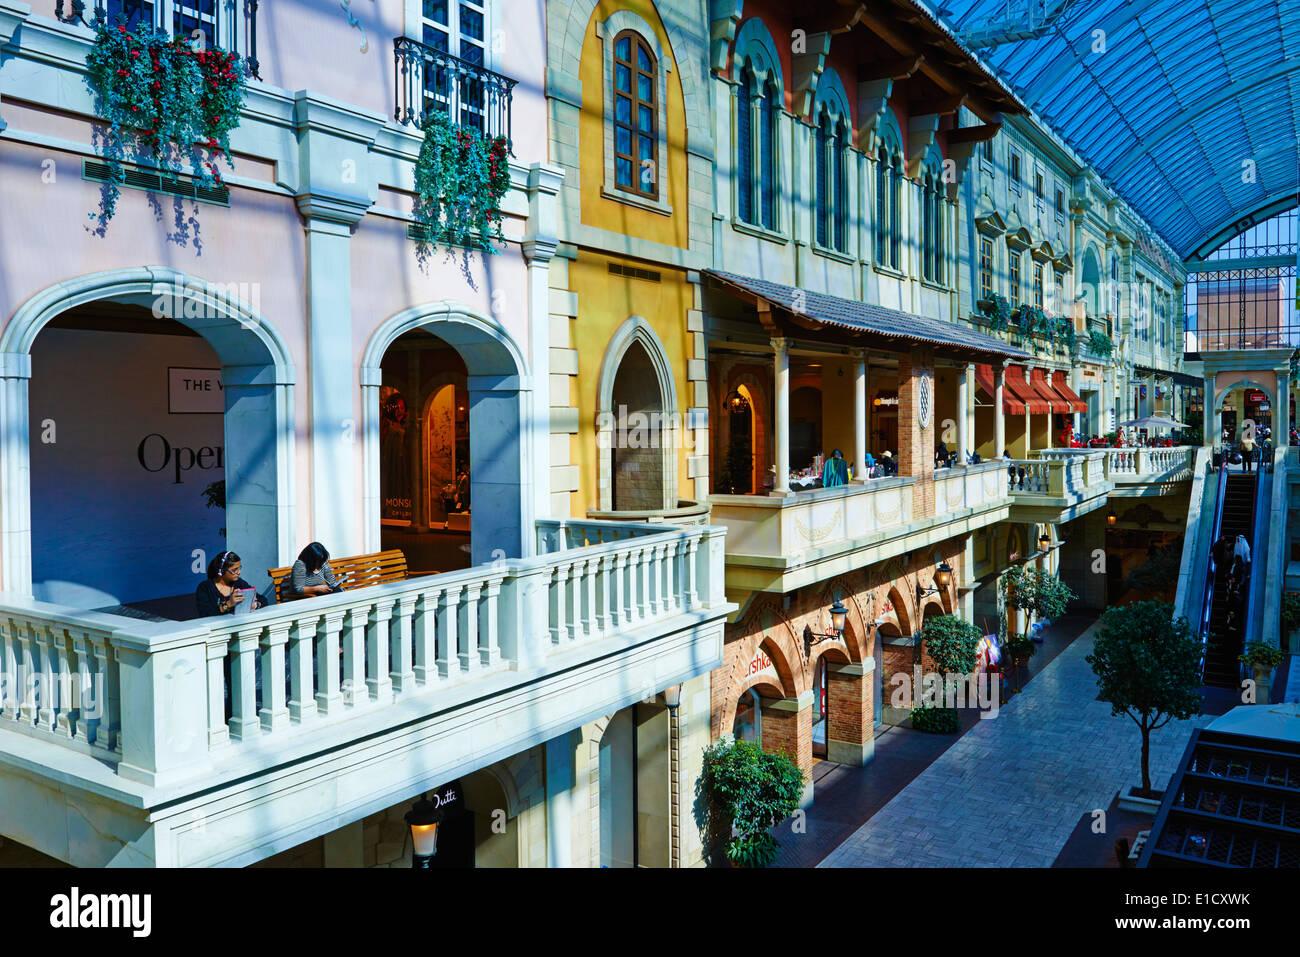 Vereinigte Arabische Emirate, Dubai, Jumeirah Nachbarschaft, Mercato Handelszentrum, italienischen Stil Stockfoto